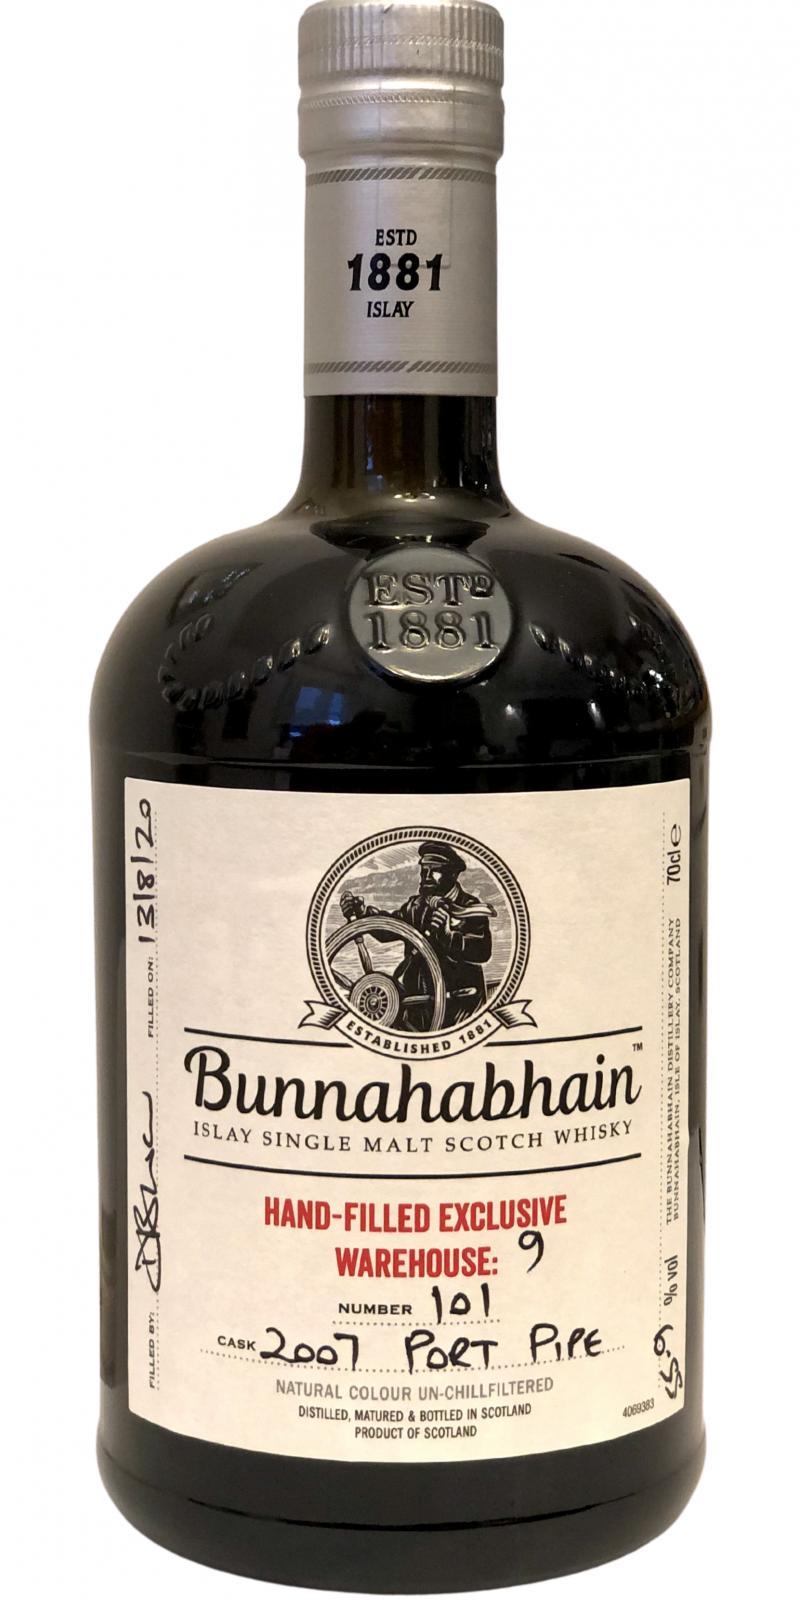 Bunnahabhain 2007